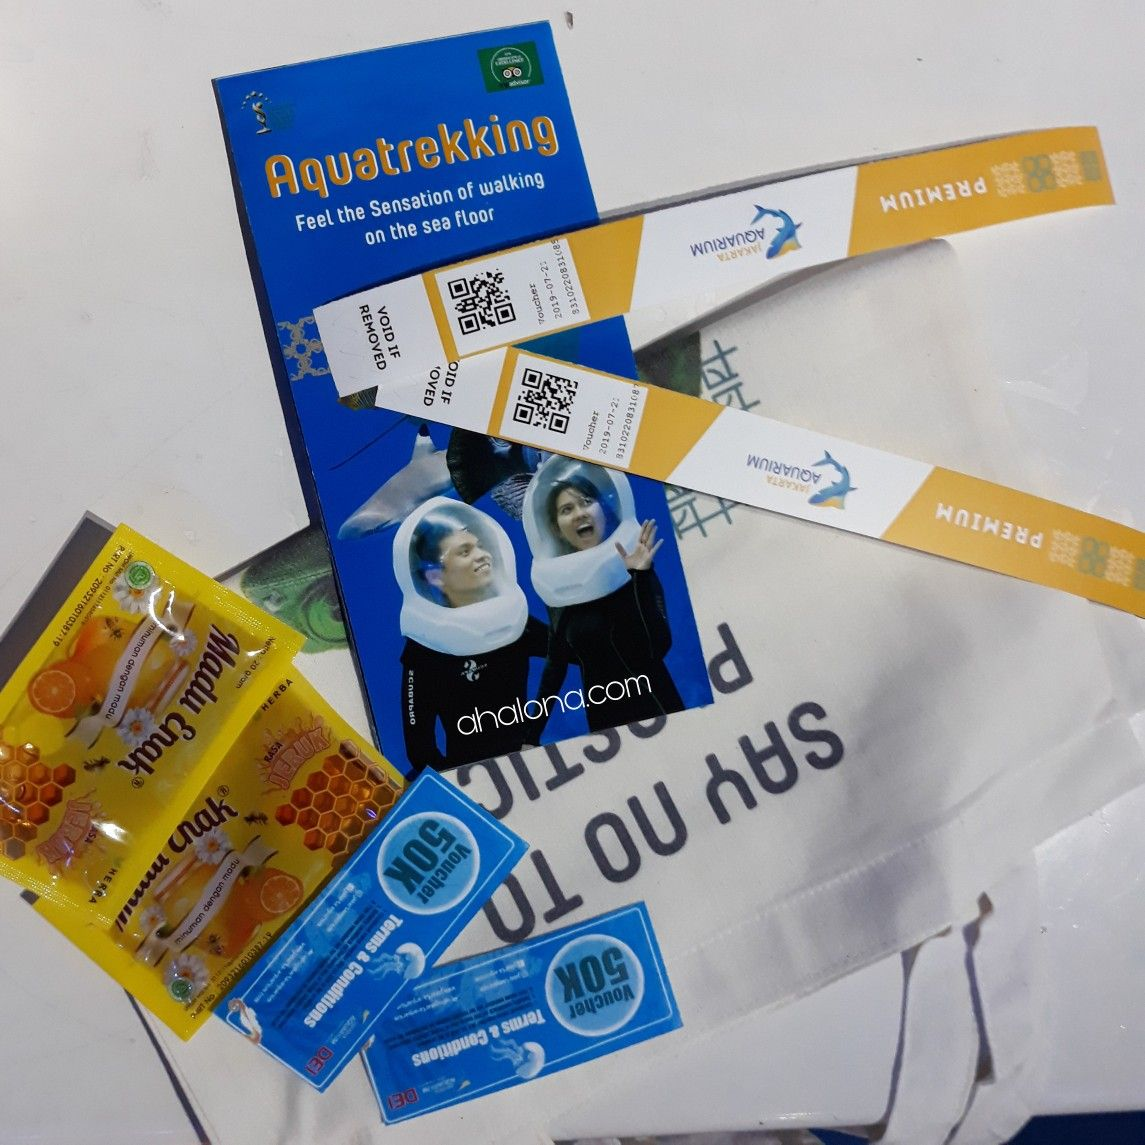 Jakarta aquarium ticket bundle. Tiket premium jakarta aquarium mendapat peta, madu, dan totebag untuk mendukung go green tanpa plastik.